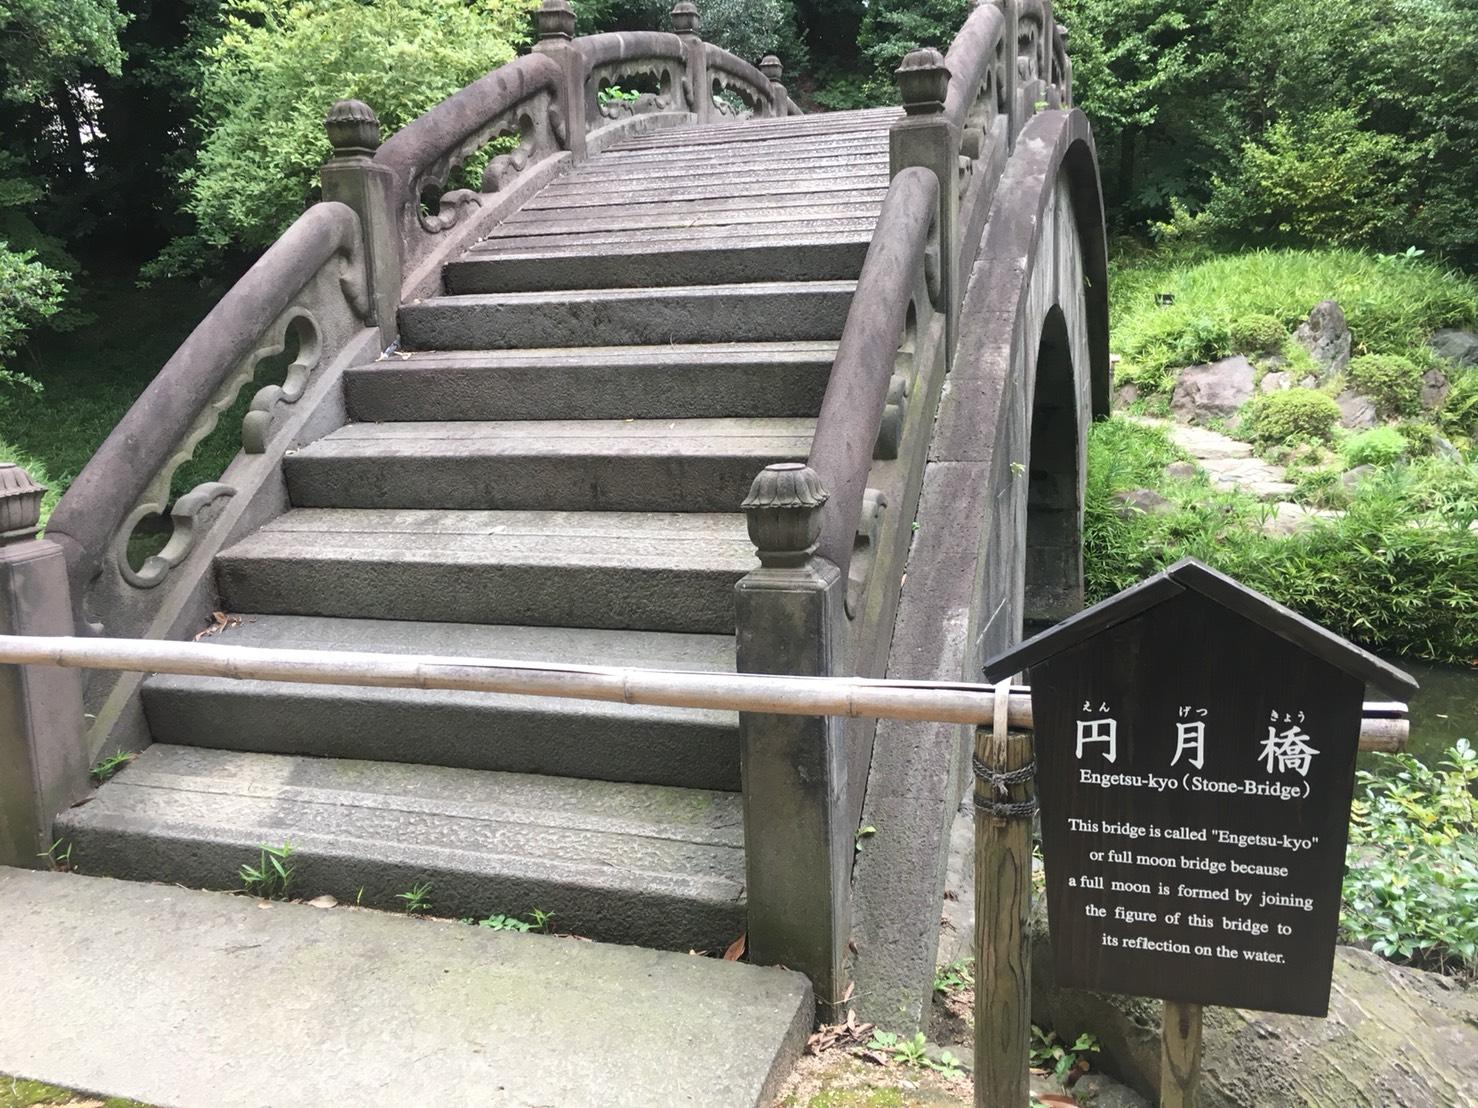 【飯田橋駅】江戸時代の中国趣味豊かな景観で一句「小石川後楽園」の円月橋横